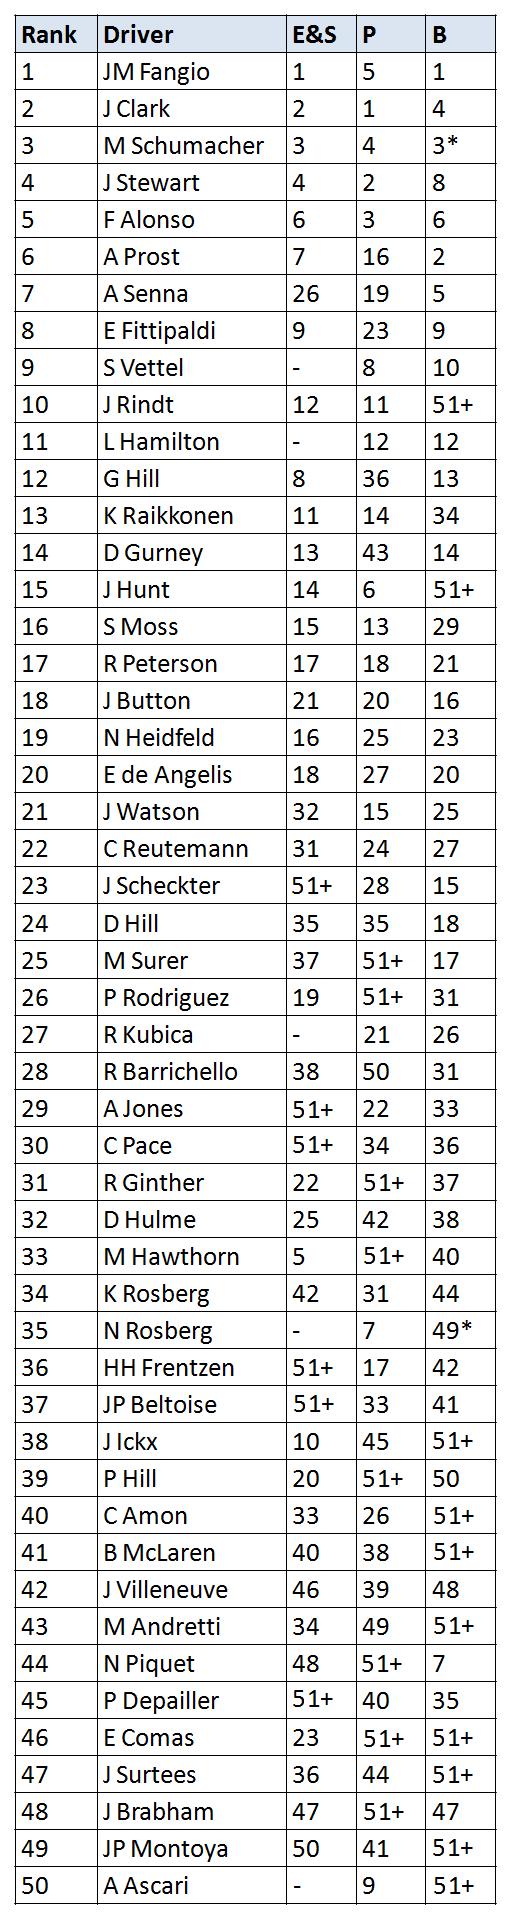 consensus_ranks3